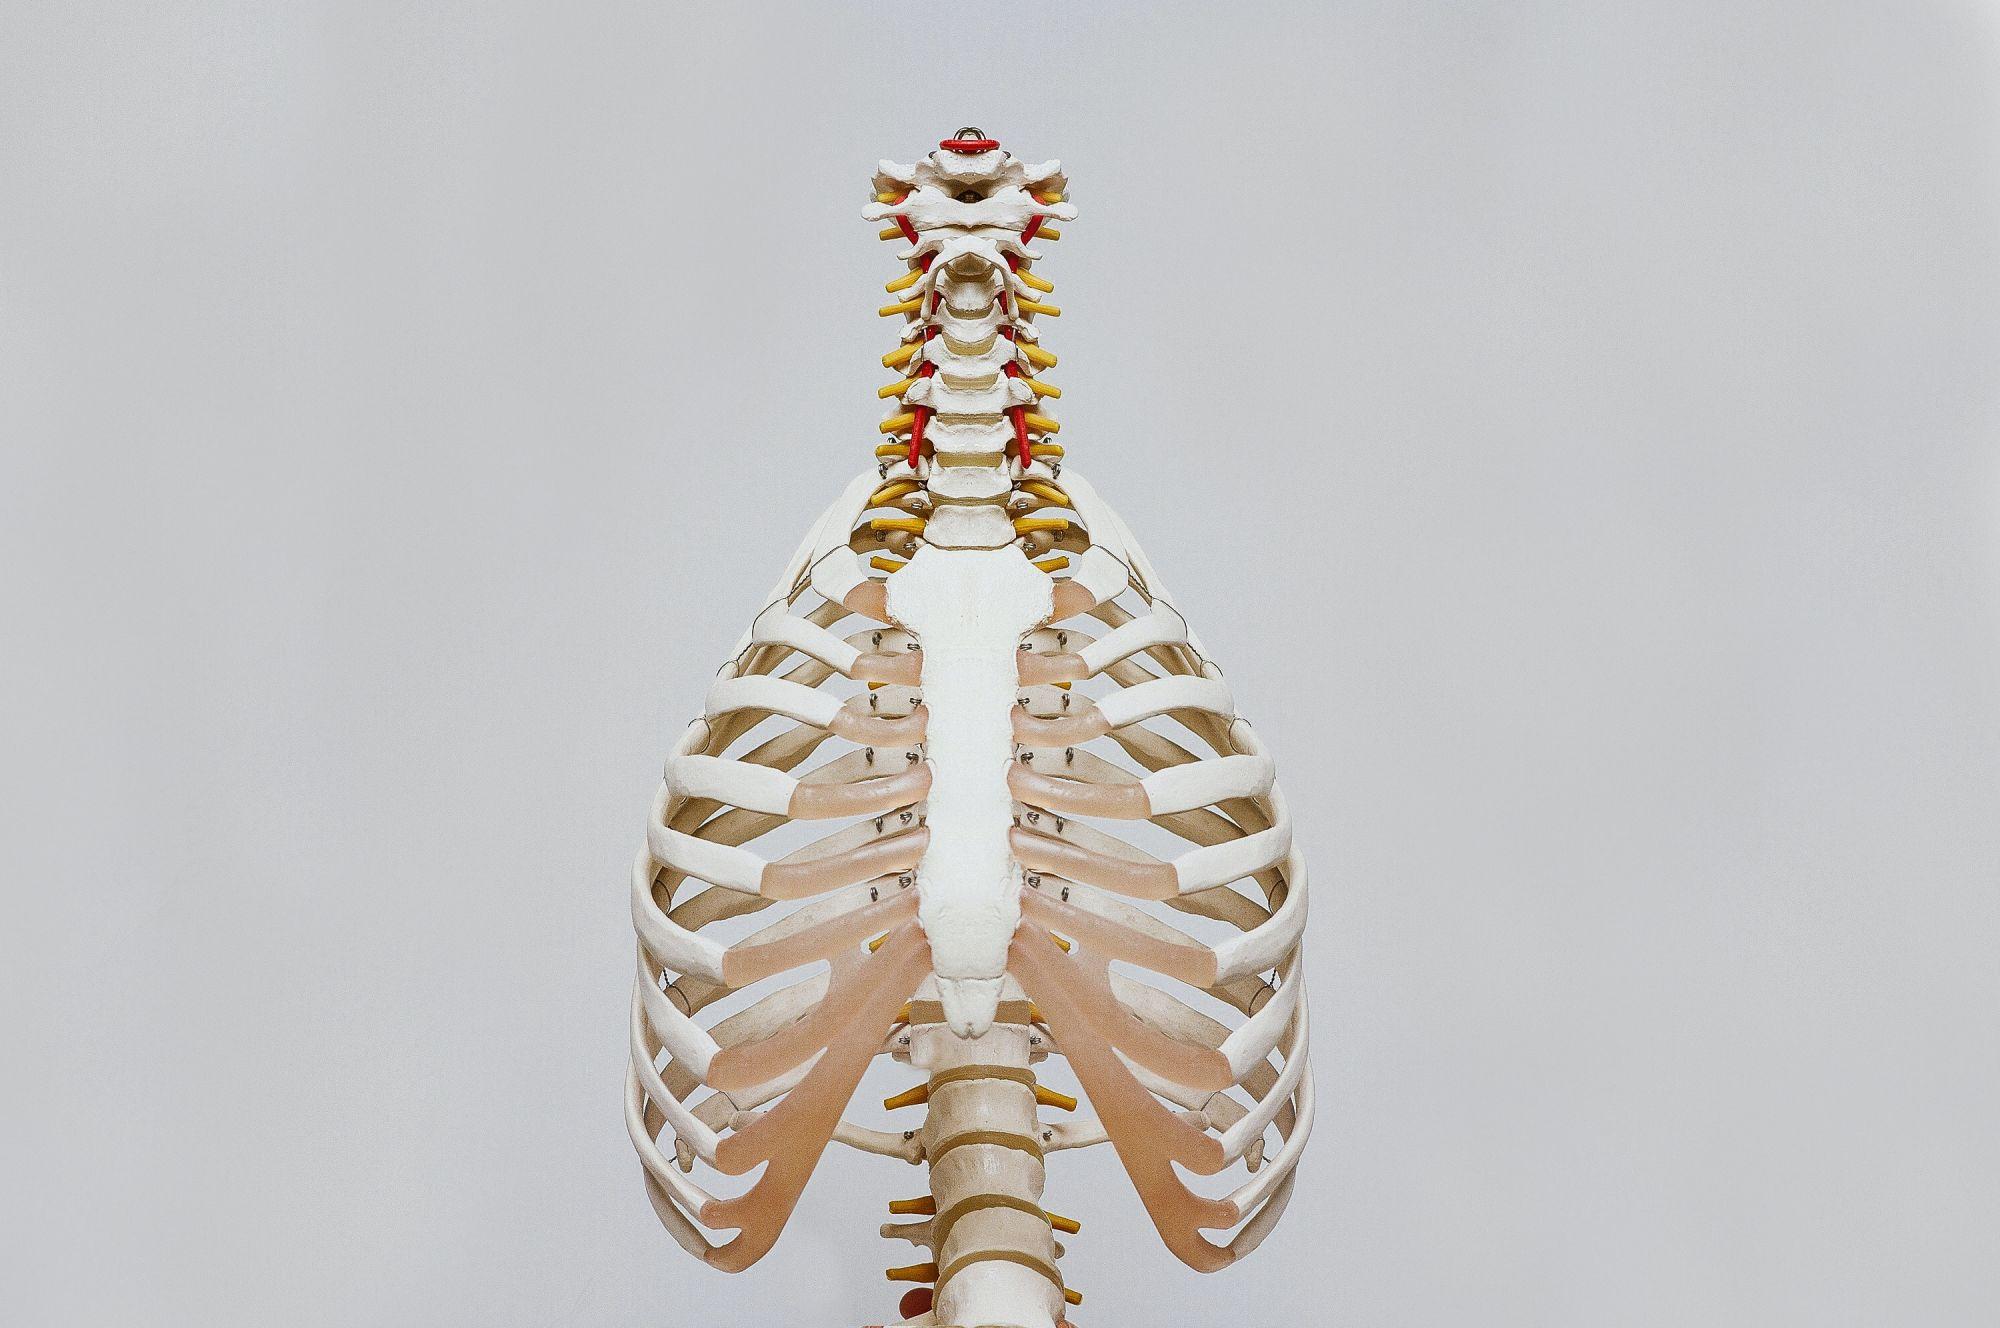 Keuhkot sijaitsevat luisen rintakehän sisällä